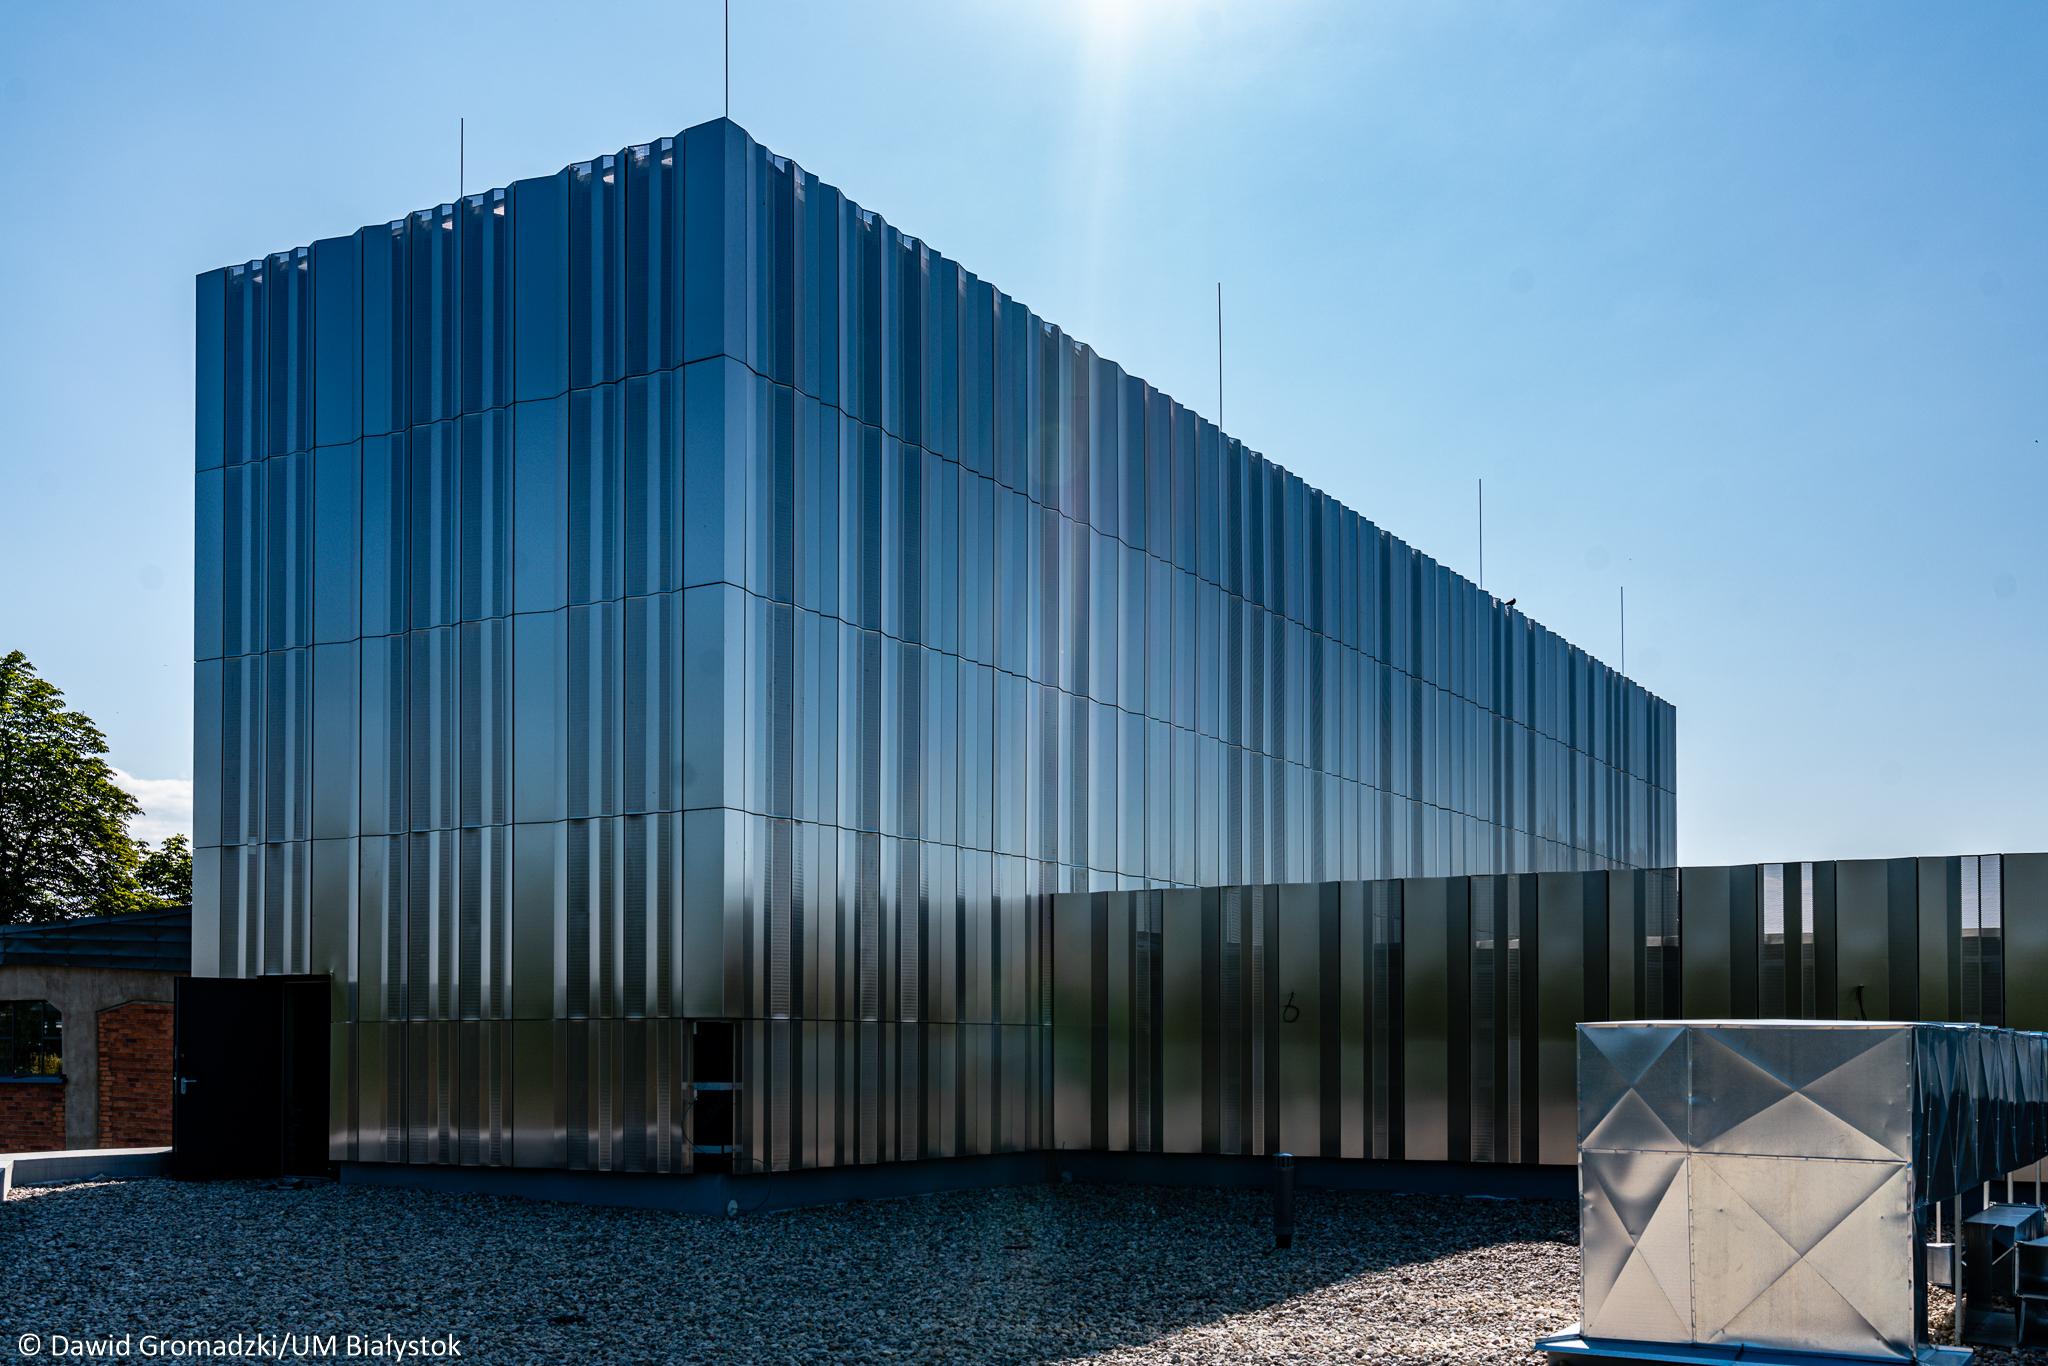 Tak będzie wyglądało powstające w Białymstoku muzeum (fot. Dawid Gromadzki/UMB)